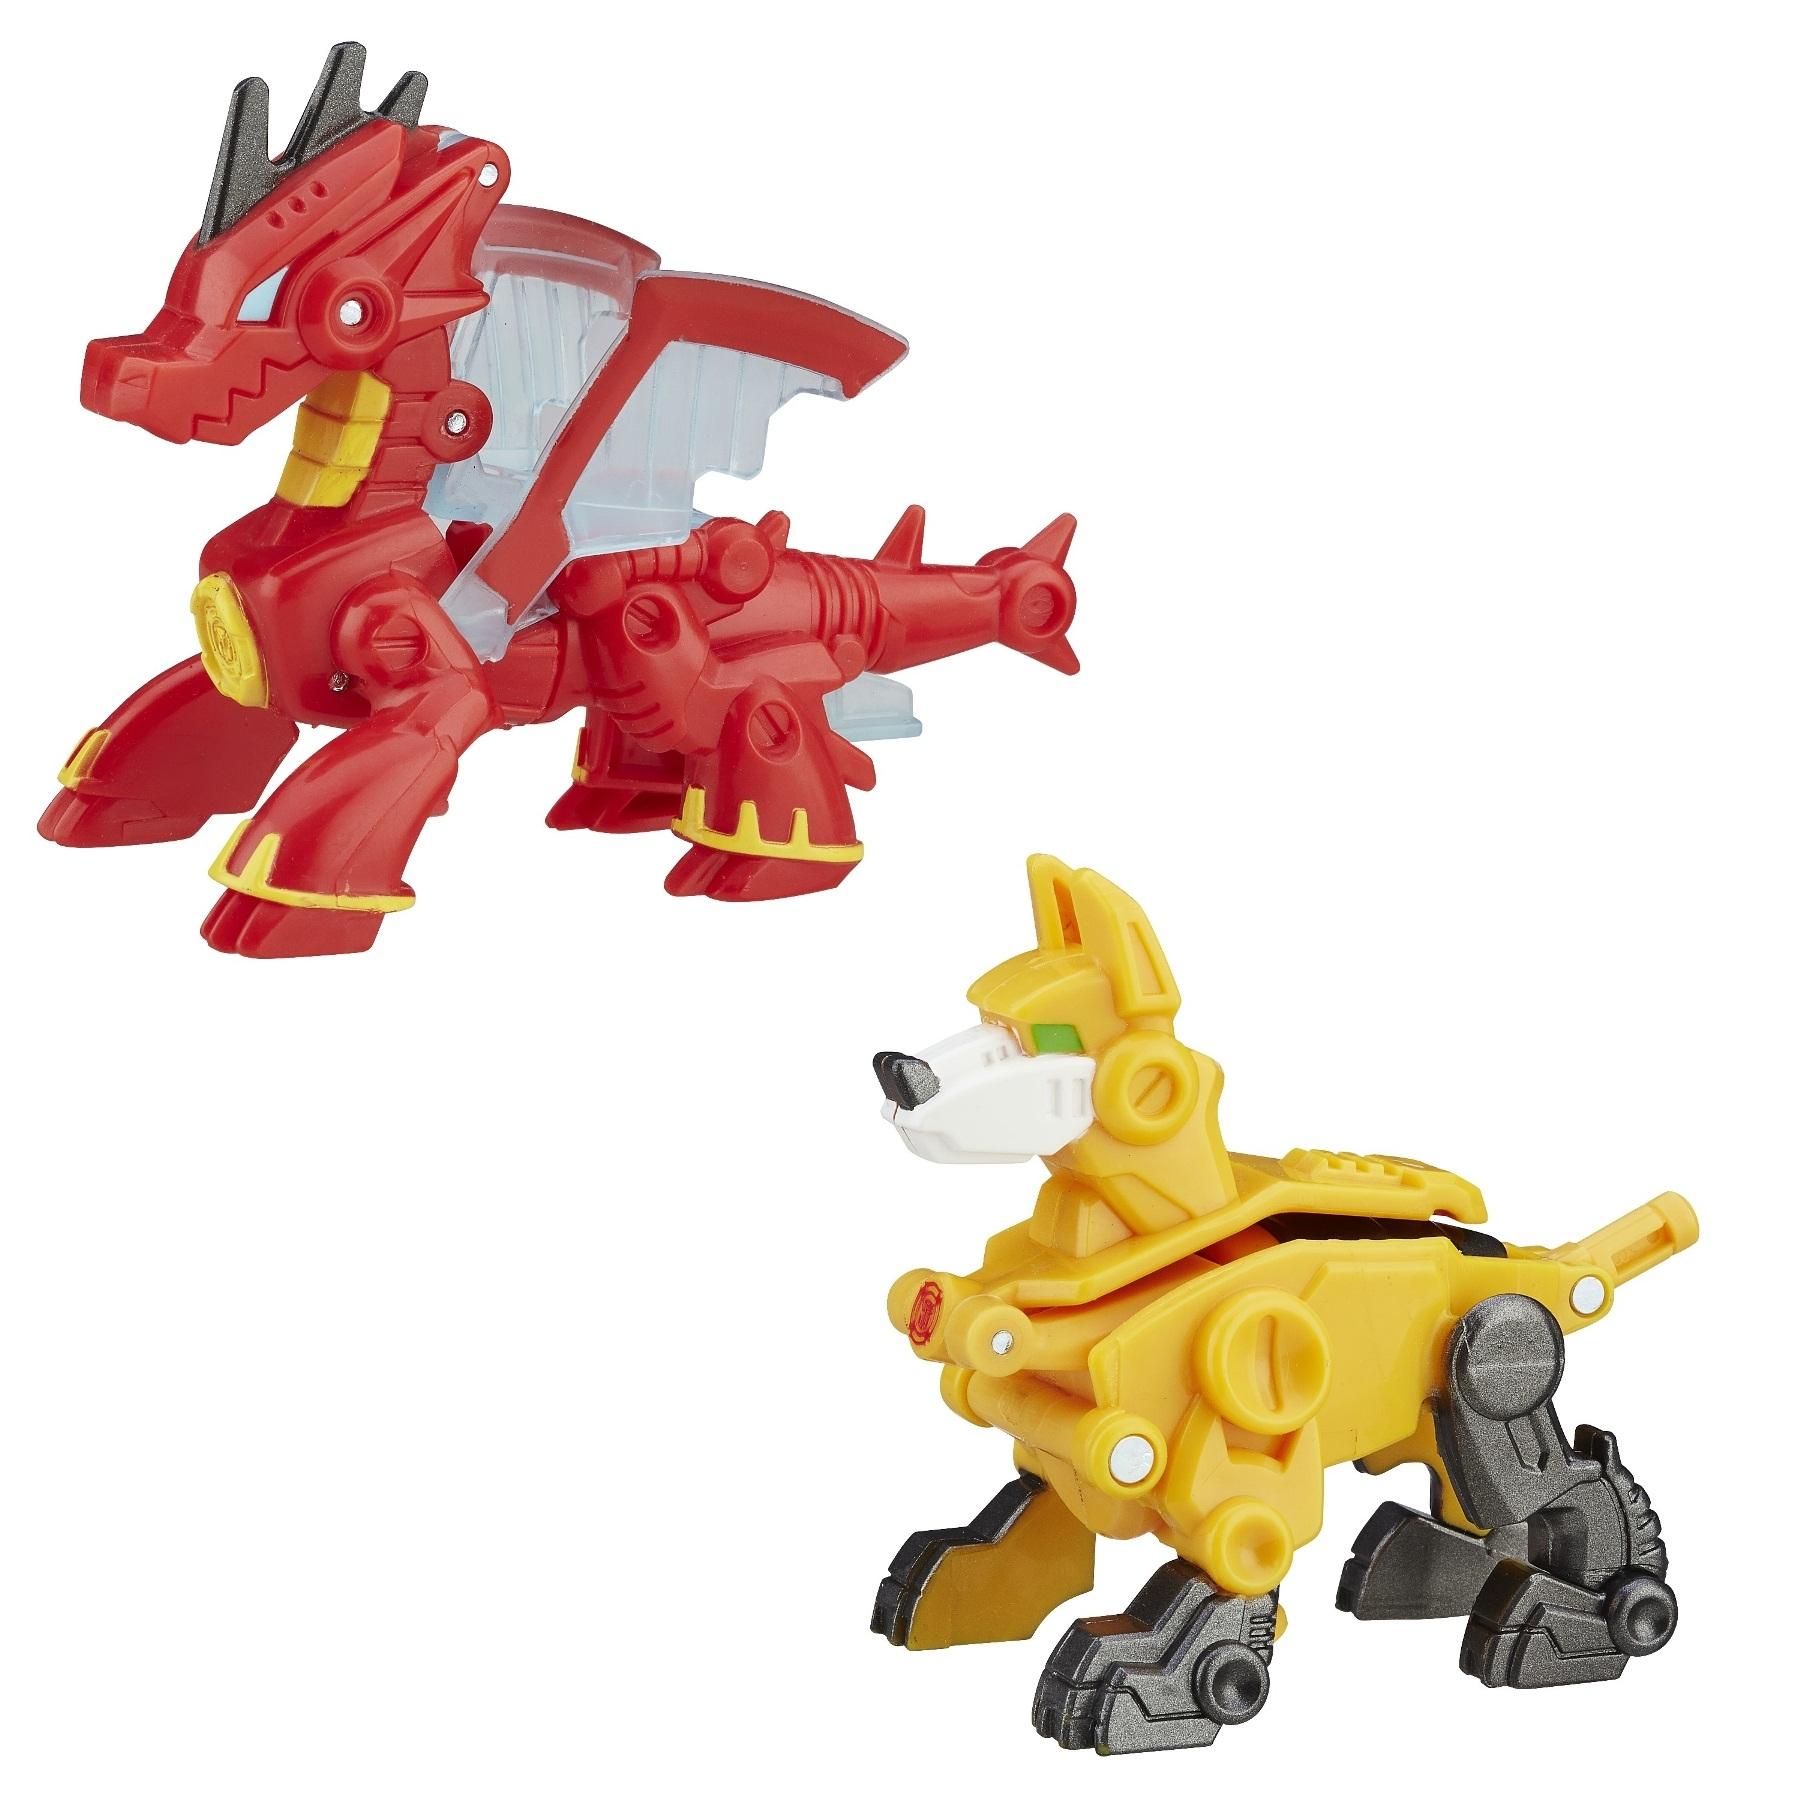 Купить Робот-трансформер Playskool Heroes - Друзья-спасатели, Hasbro